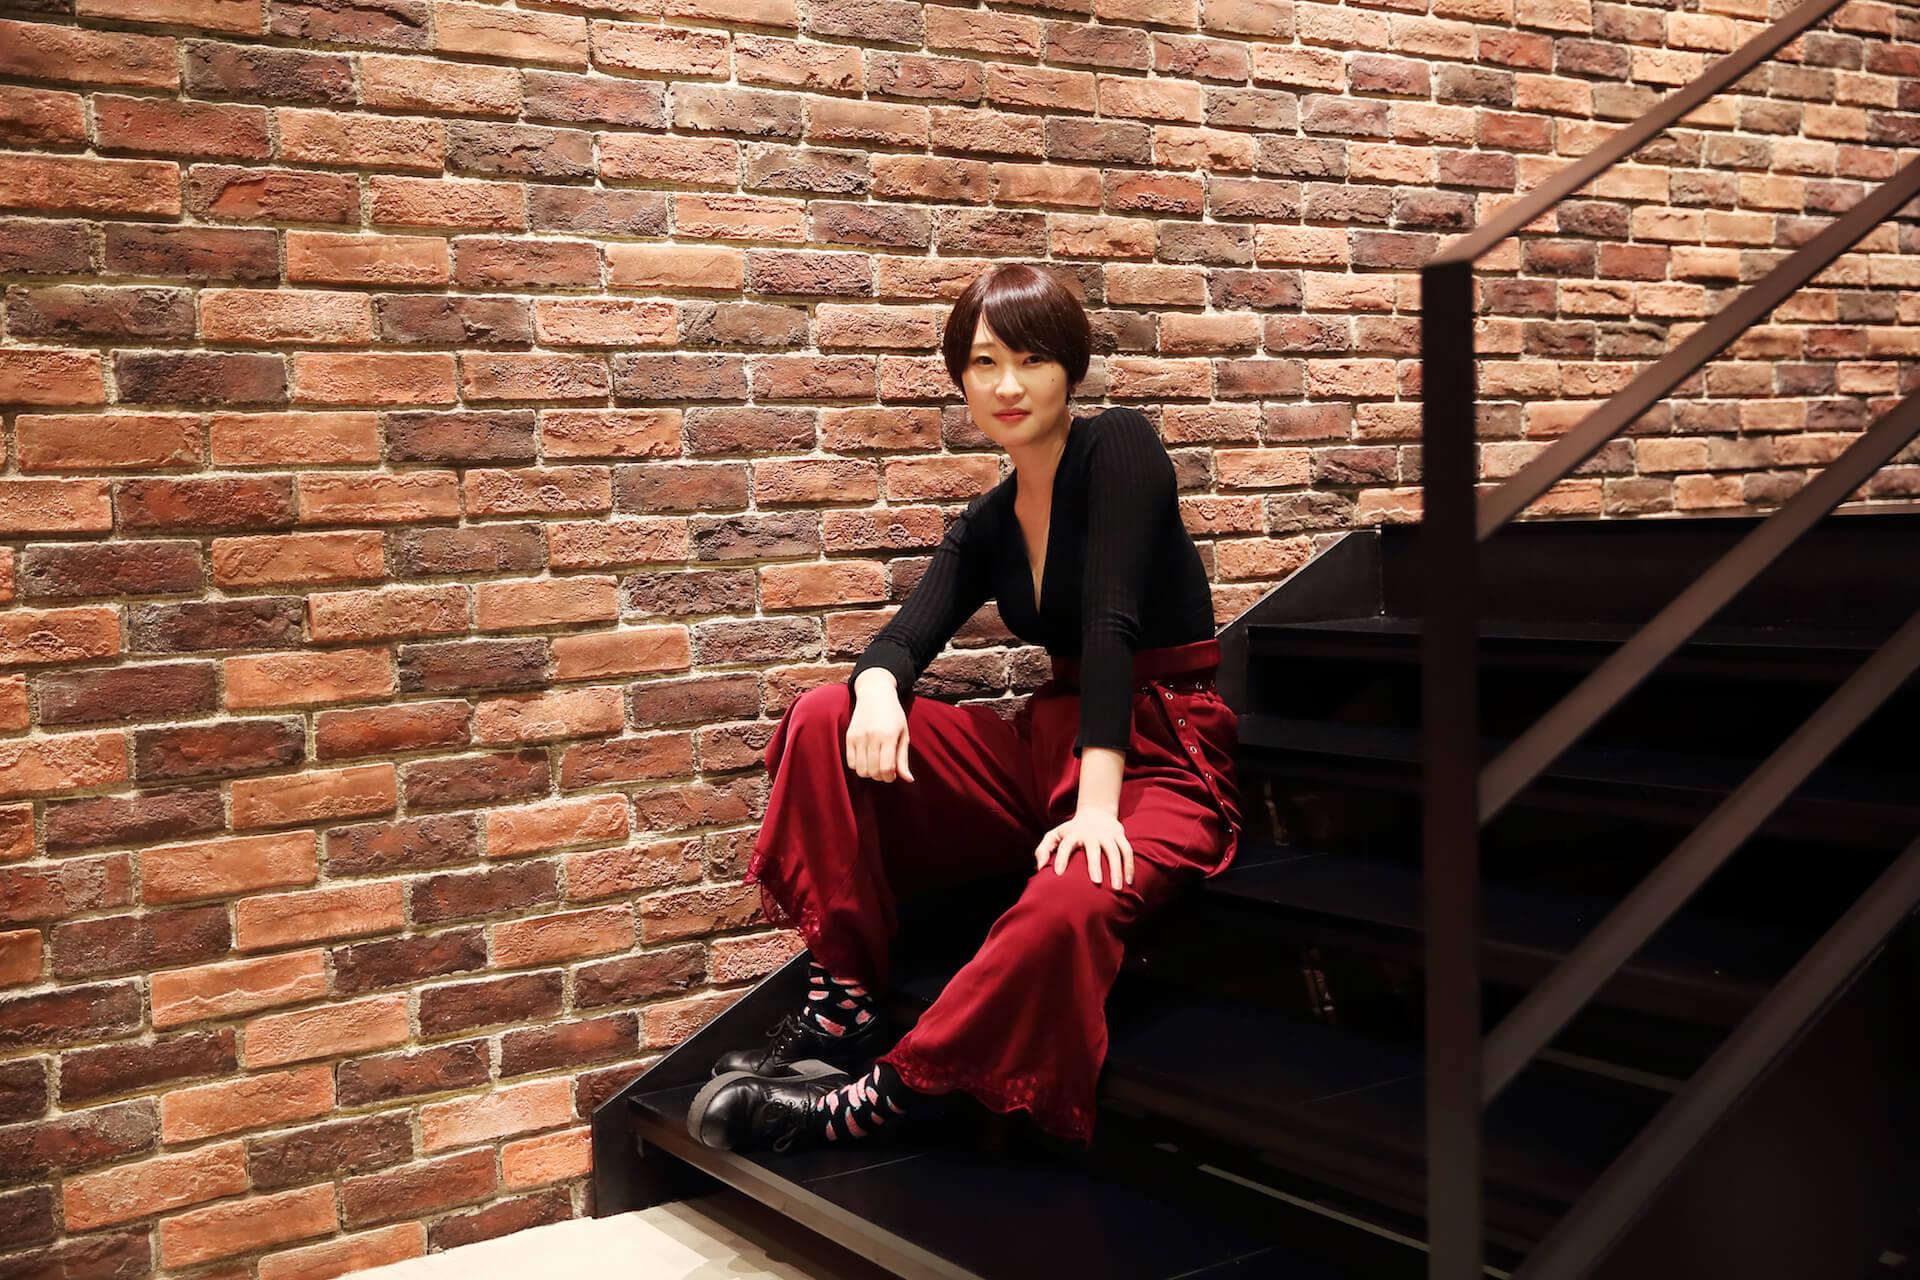 【チョーヒカル・インタビュー】最強の女性が最高!『キャプテン・マーベル』が照らすアベンジャーズとマーベルの未来 interview-captainmarvel-hikaru-cho-19